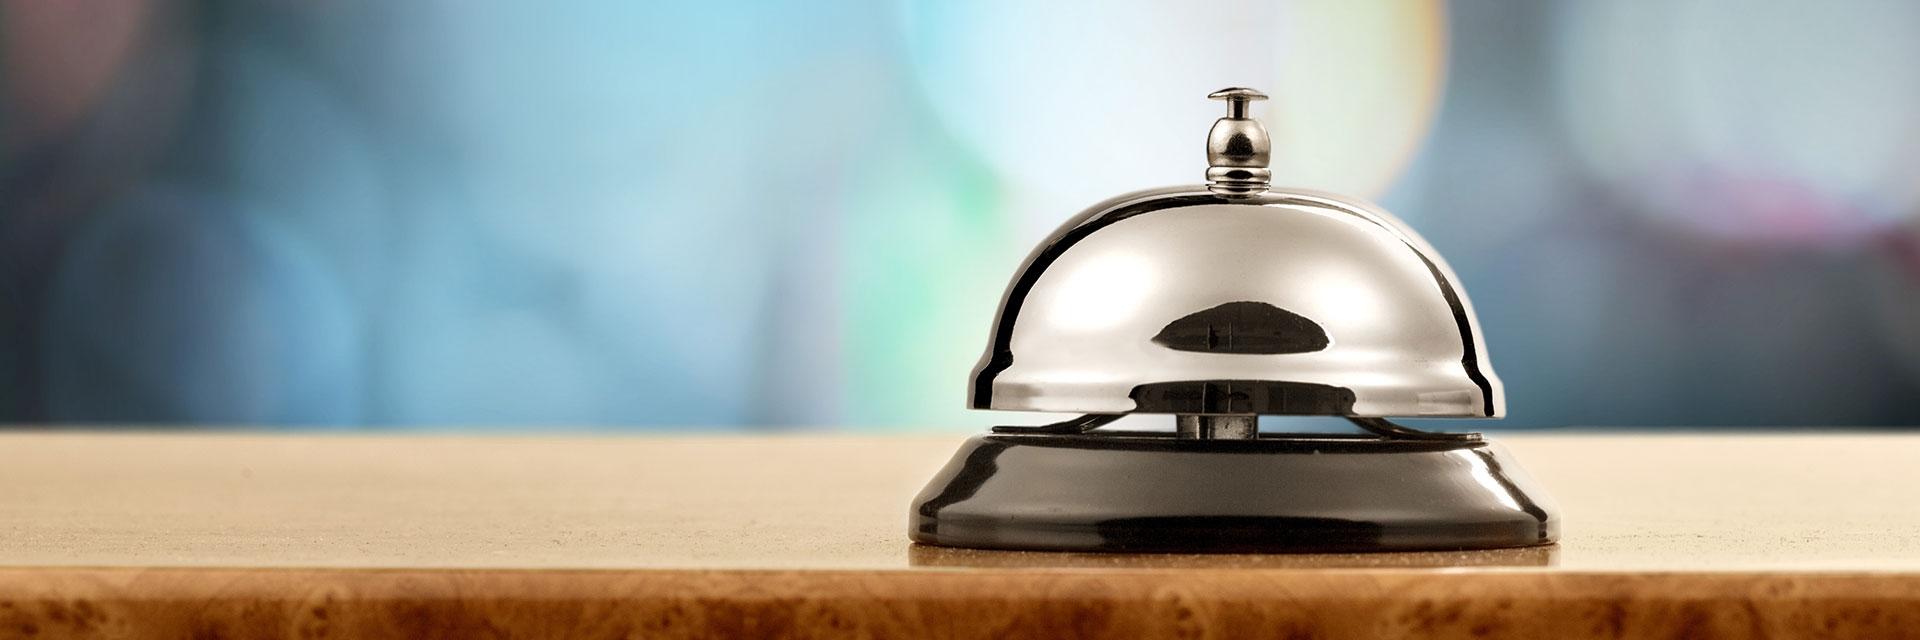 Hospitality advancy for Job hotellerie